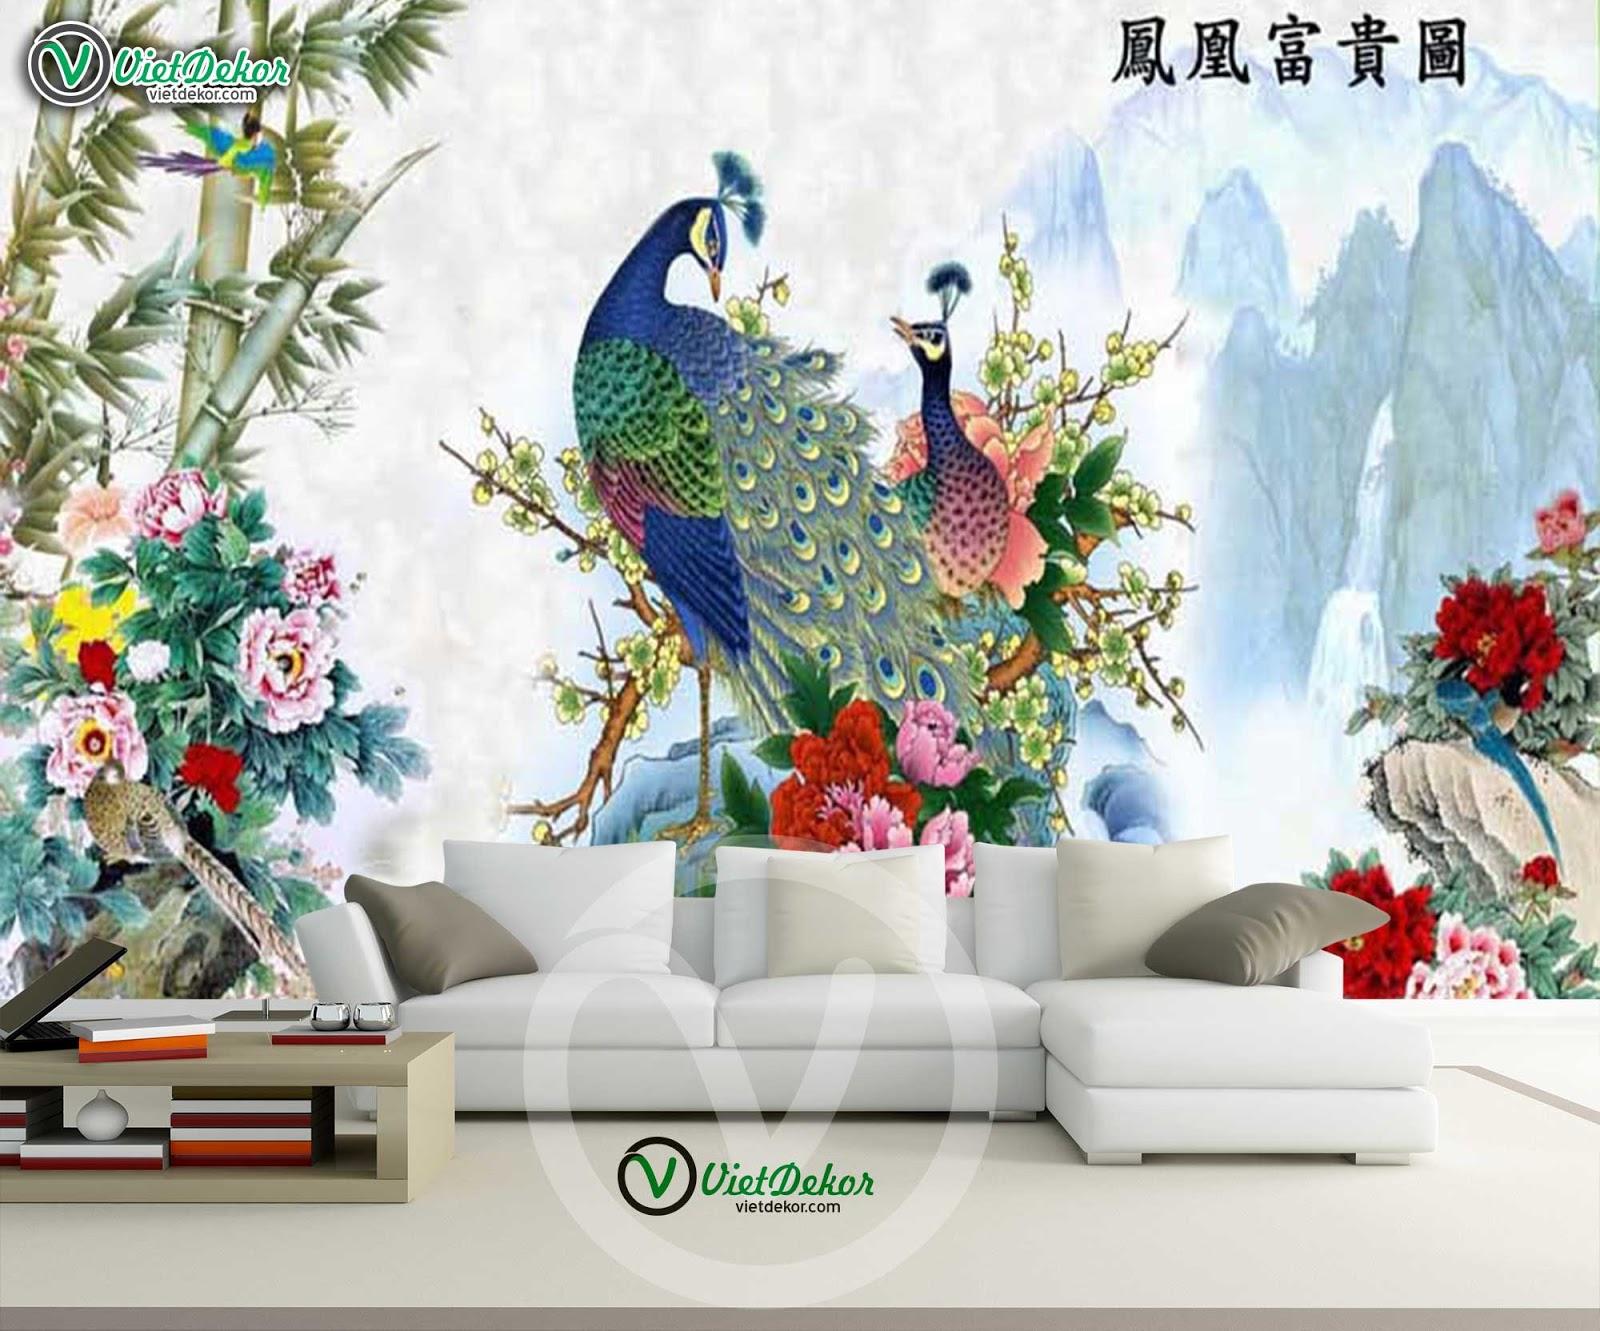 Tranh khổng tước và hoa mẫu đơn đẹp cho pho9ng khách phòng làm việc